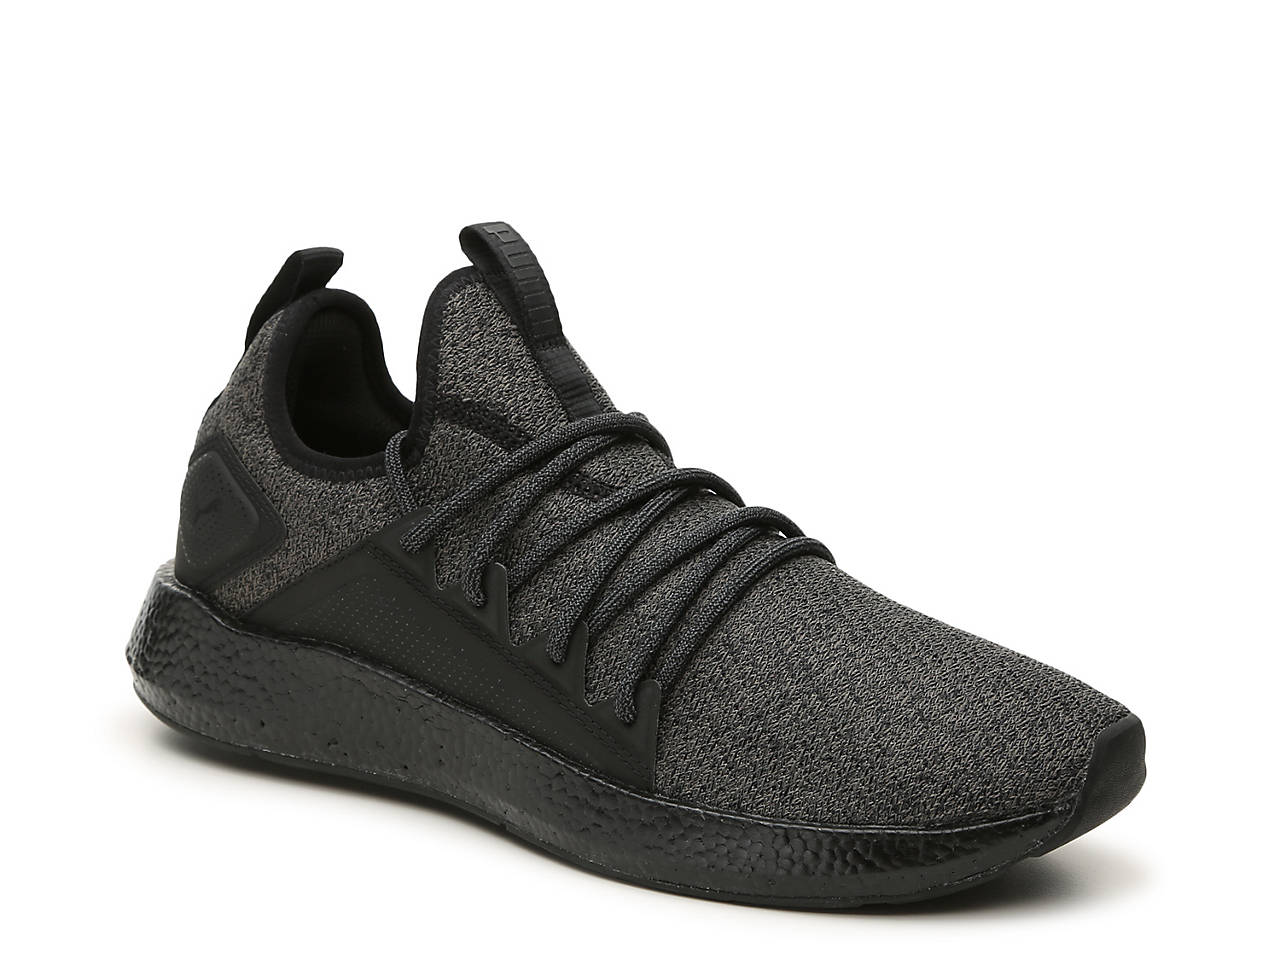 Stany Zjednoczone butik wyprzedażowy sprzedaż uk Puma Nrgy Neko Sneaker - Men's Men's Shoes | DSW